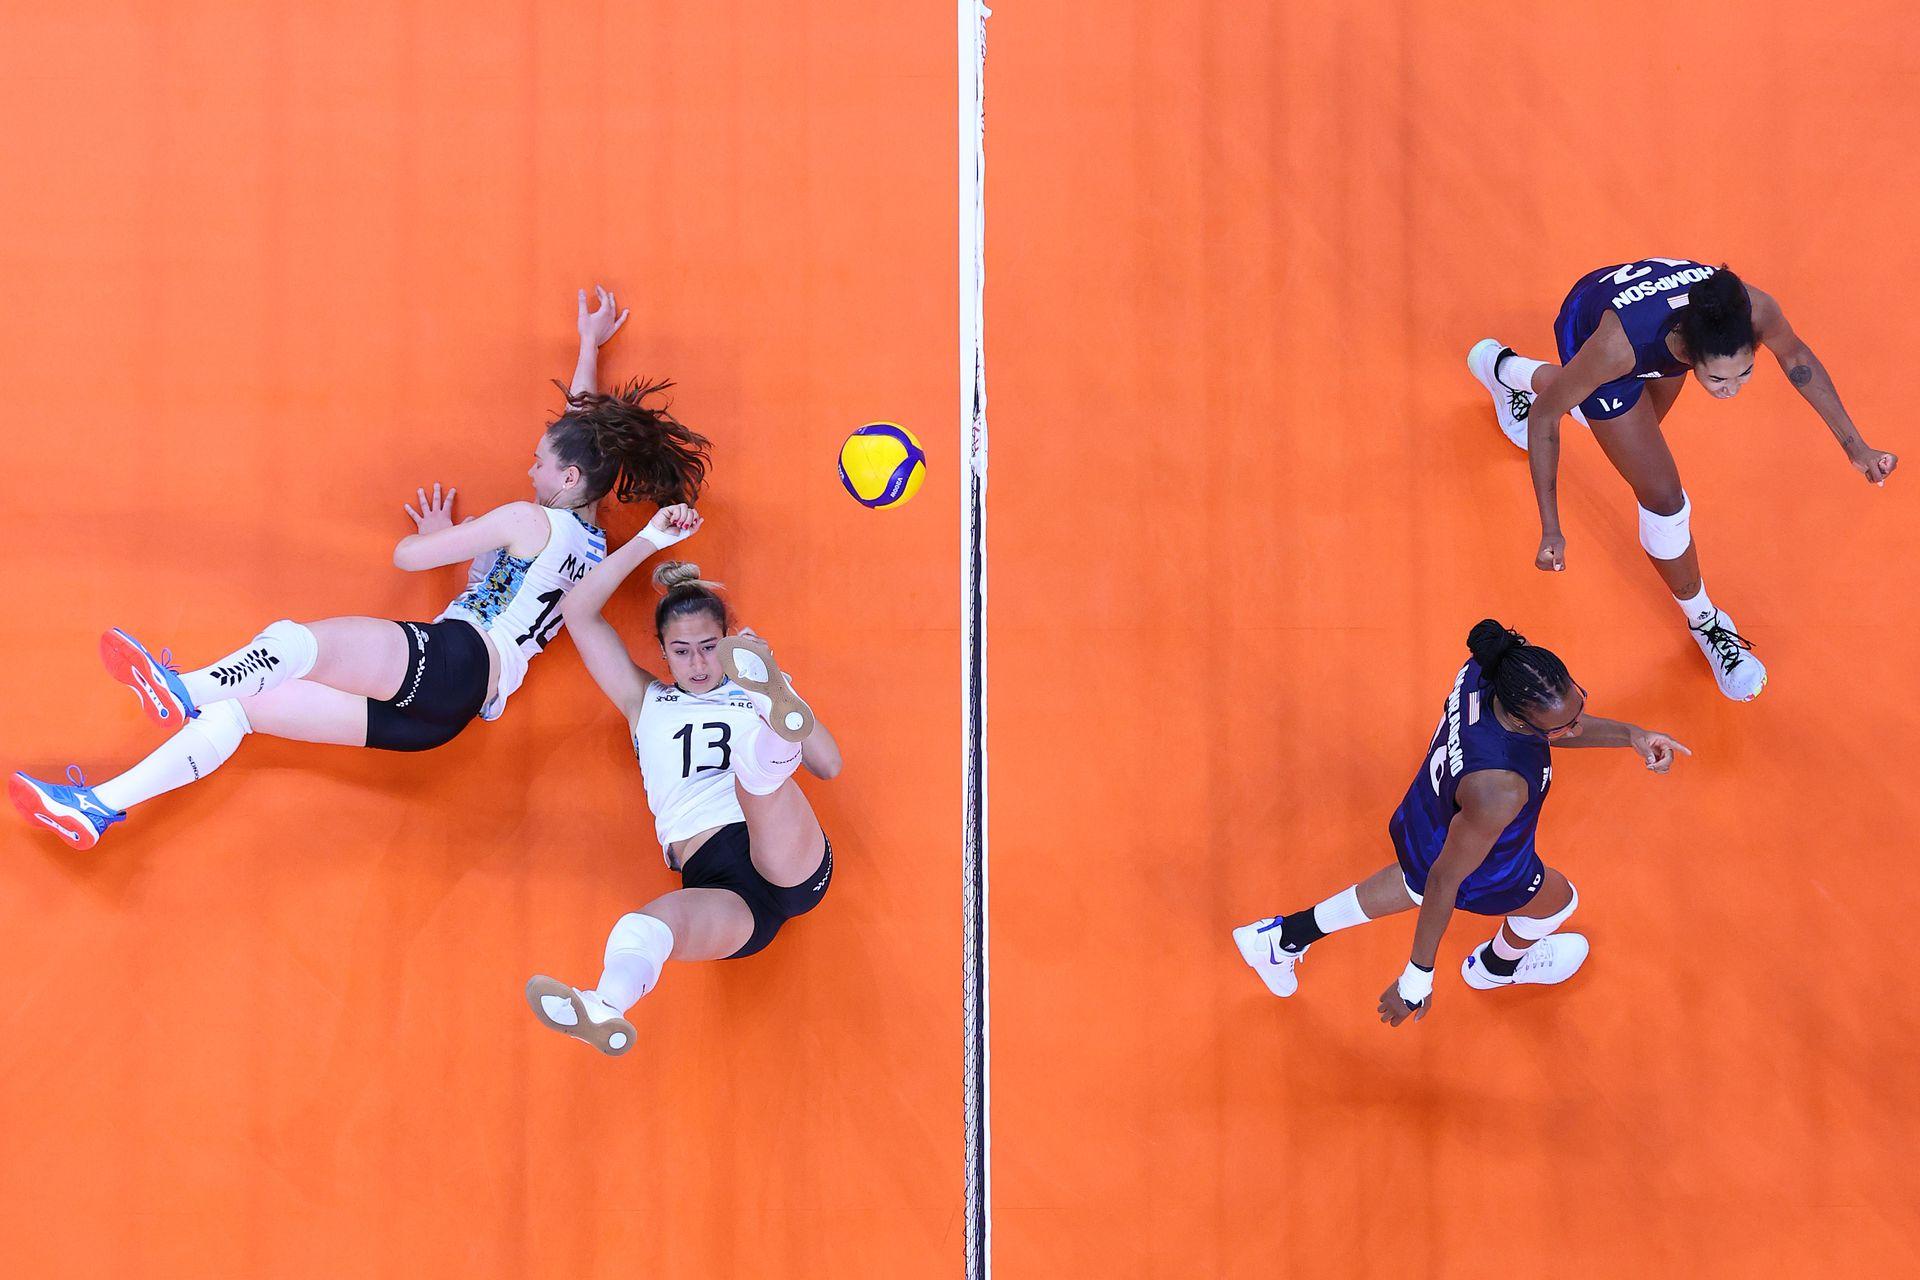 Jordan Thompson # 12 del Equipo de Estados Unidos y Foluke Akinradewo # 16 reaccionan después de anotar un punto contra el Equipo de Argentina durante el Preliminar Femenino - Grupo B en el segundo día de los Juegos Olímpicos de Tokio 2020 en Ariake Arena el 25 de julio , 2021 en Tokio, Japón.